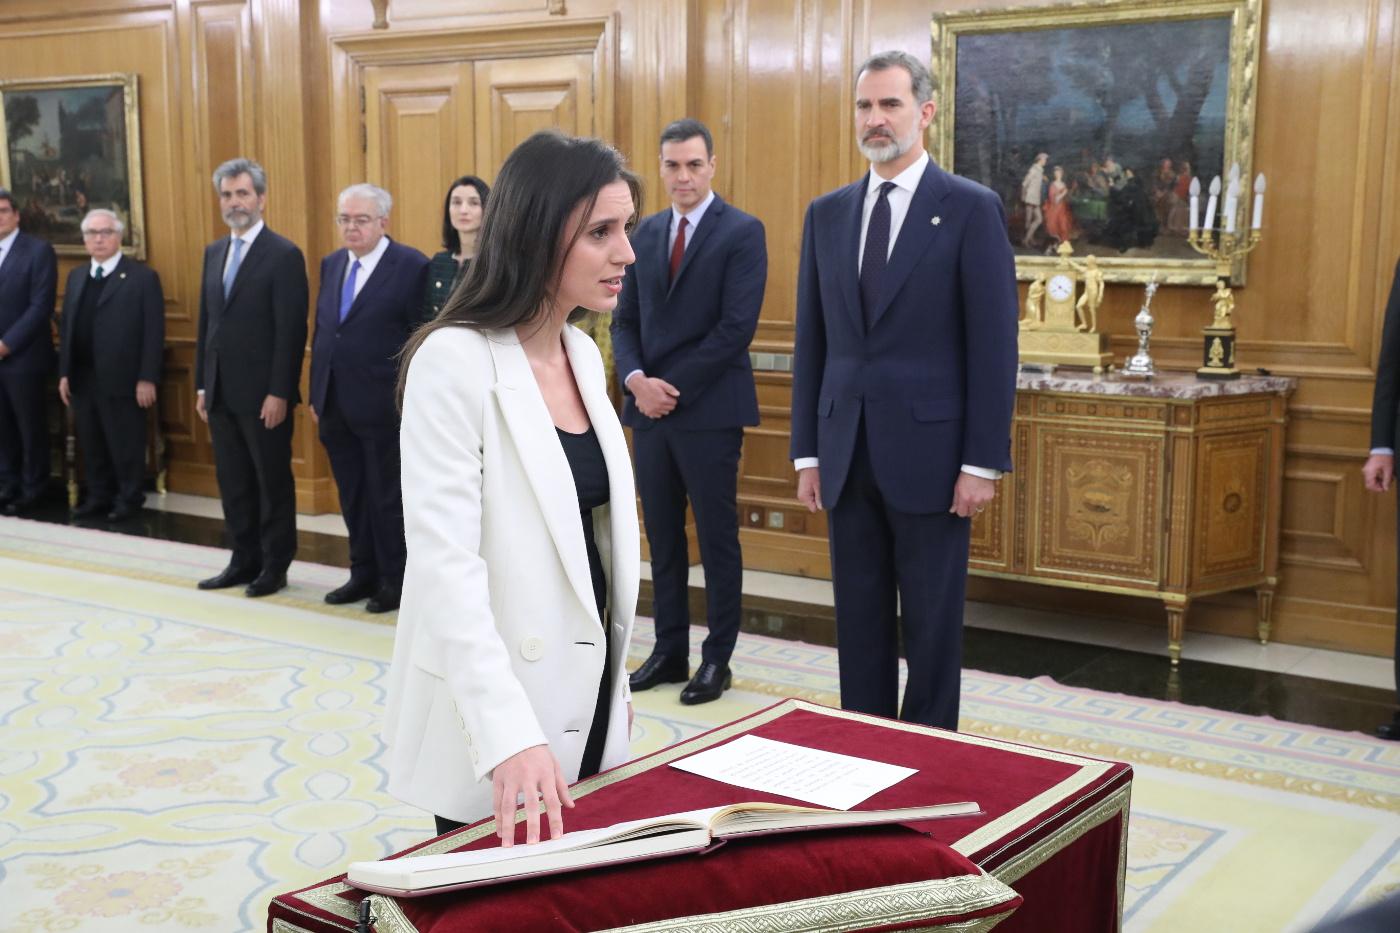 https://www.casareal.es/sitios/ListasAux/Galeras/20200113-PROMESA_DE_LOS_MINISTROS_DEL_N-ES-230187/rey_promesa_ministros_20200113_19.5.jpg